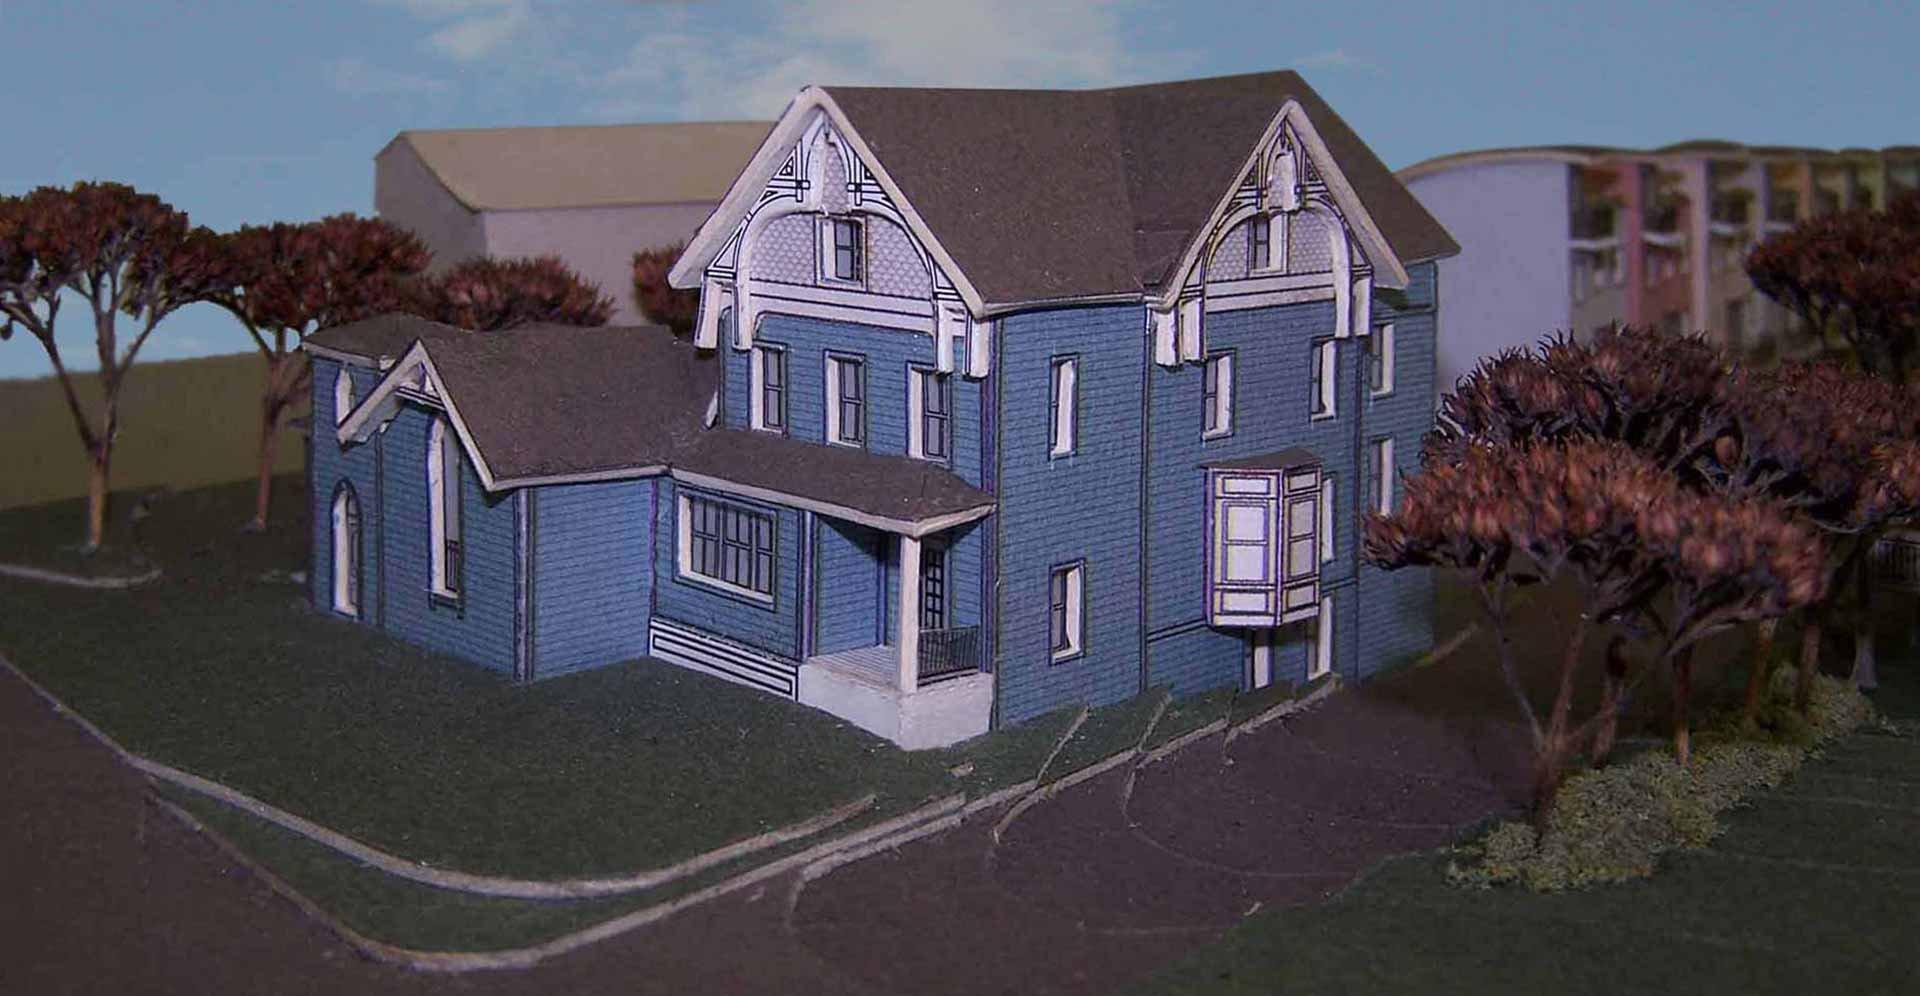 904-QUINNIPIAC-AVE-BLUE-HOUSE-1.jpg